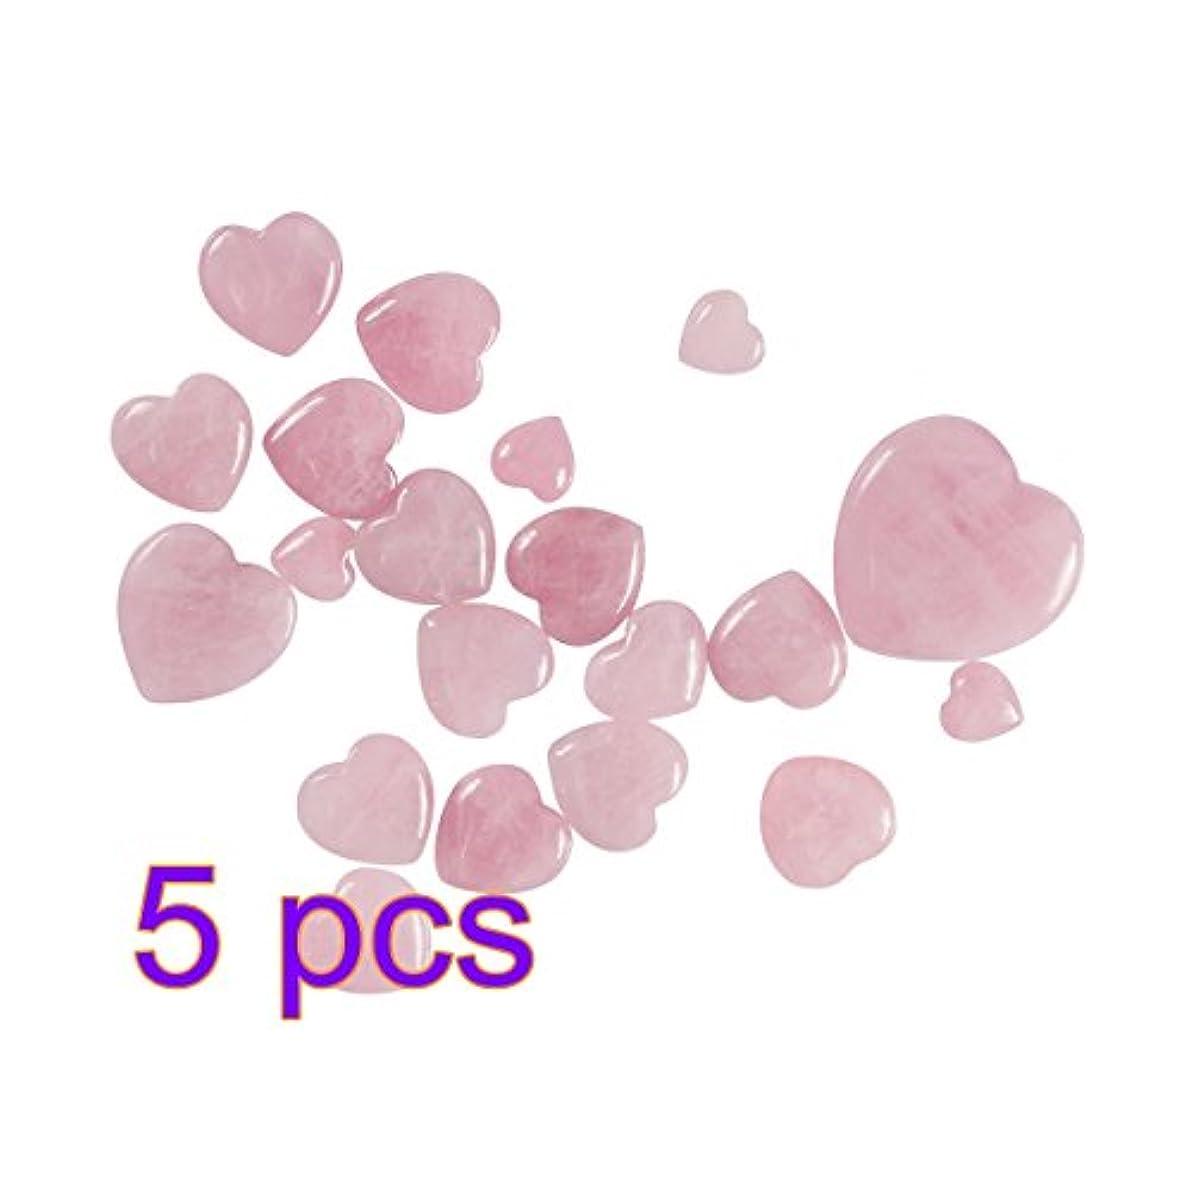 リテラシー行列ばかげているWINOMO 5本のヒーリングクリスタルナチュラルローズクォーツパフィーハートシェイプパームストーンクリスタルヒーリング宝石のホームインテリア